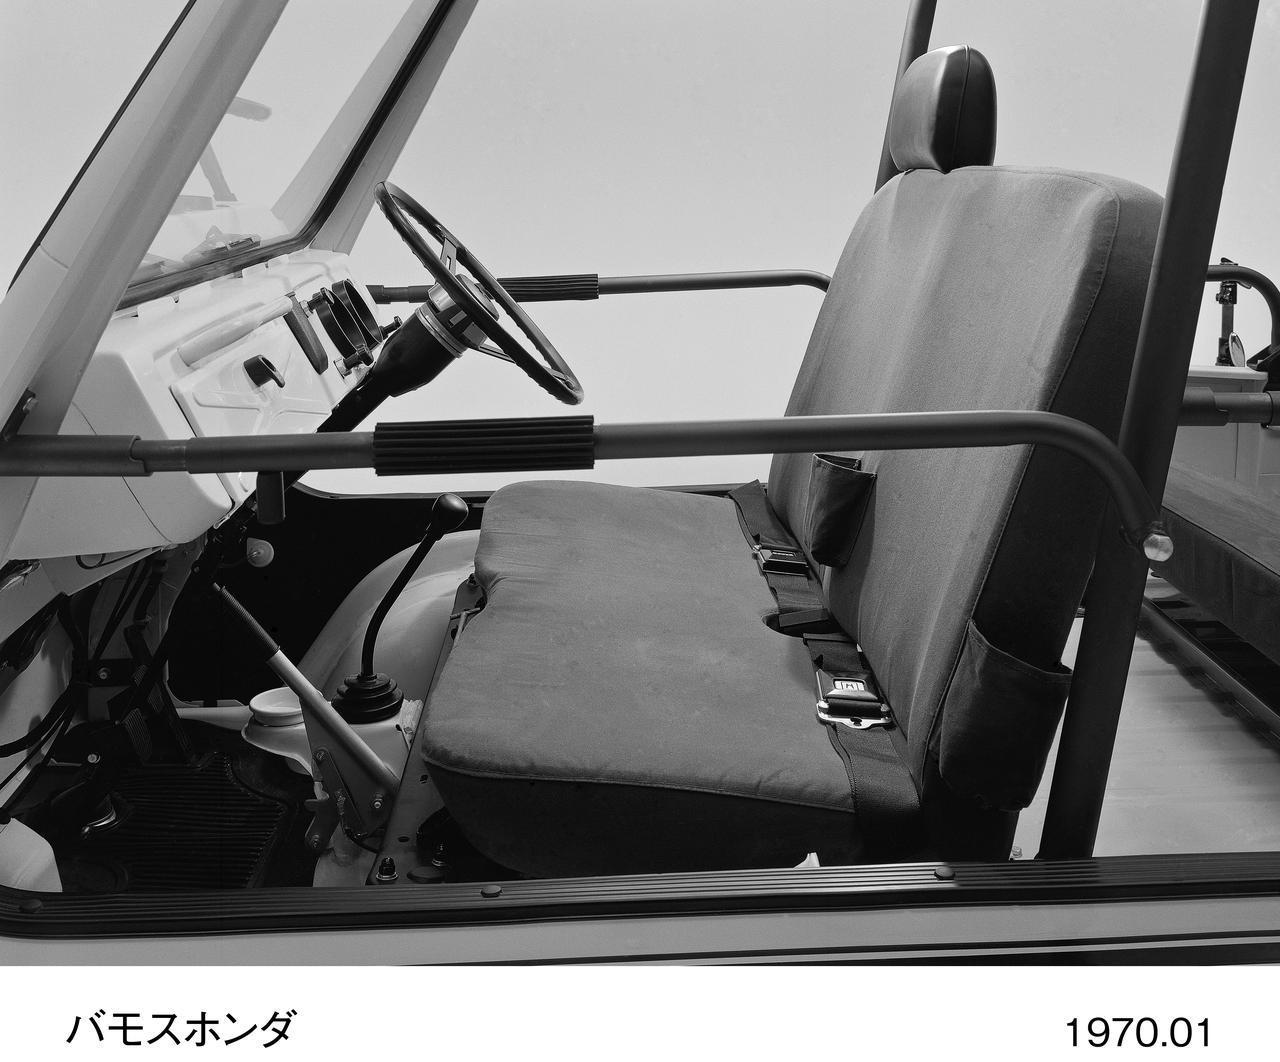 画像2: ユニークなオープン軽トラック、それがバモスホンダなのだ。【ホンダ偏愛主義vol.21】